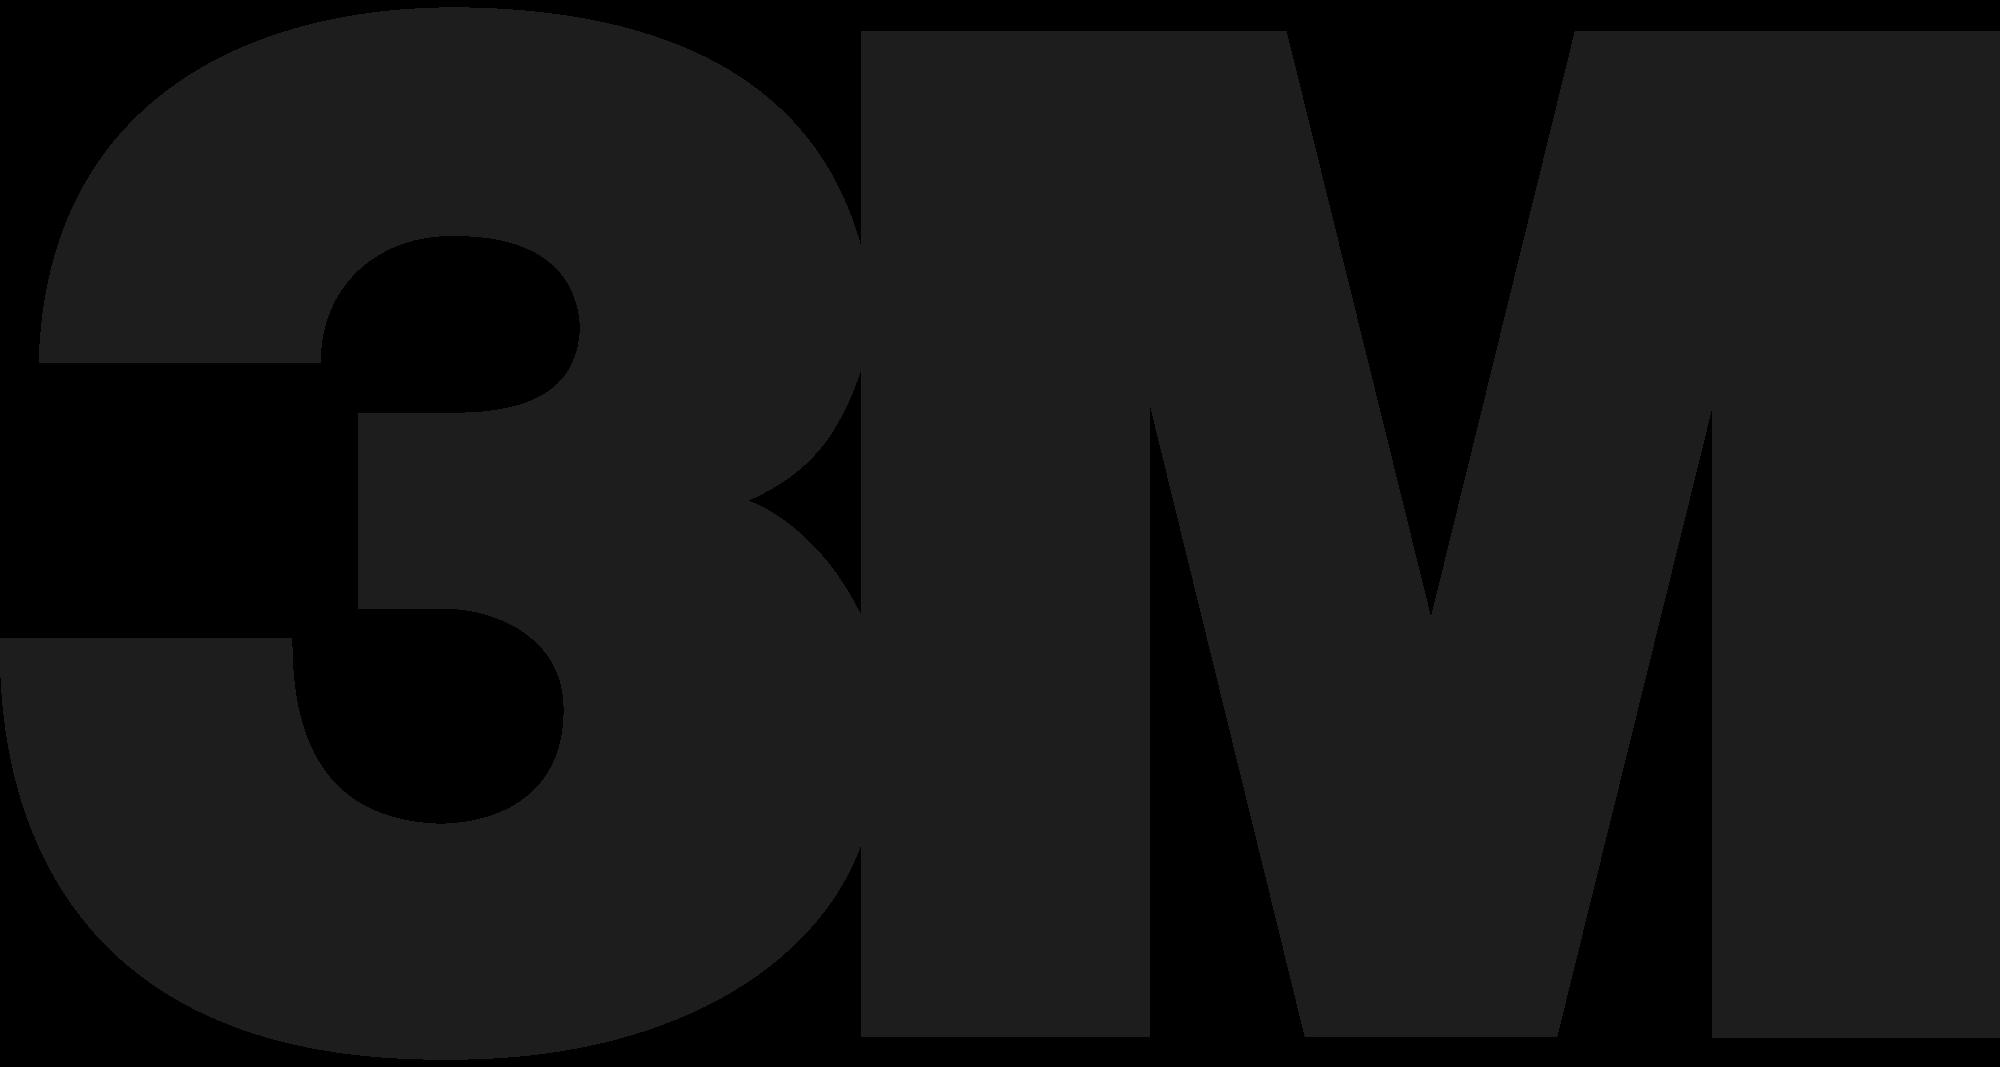 3m logo 10 - 3M Logo